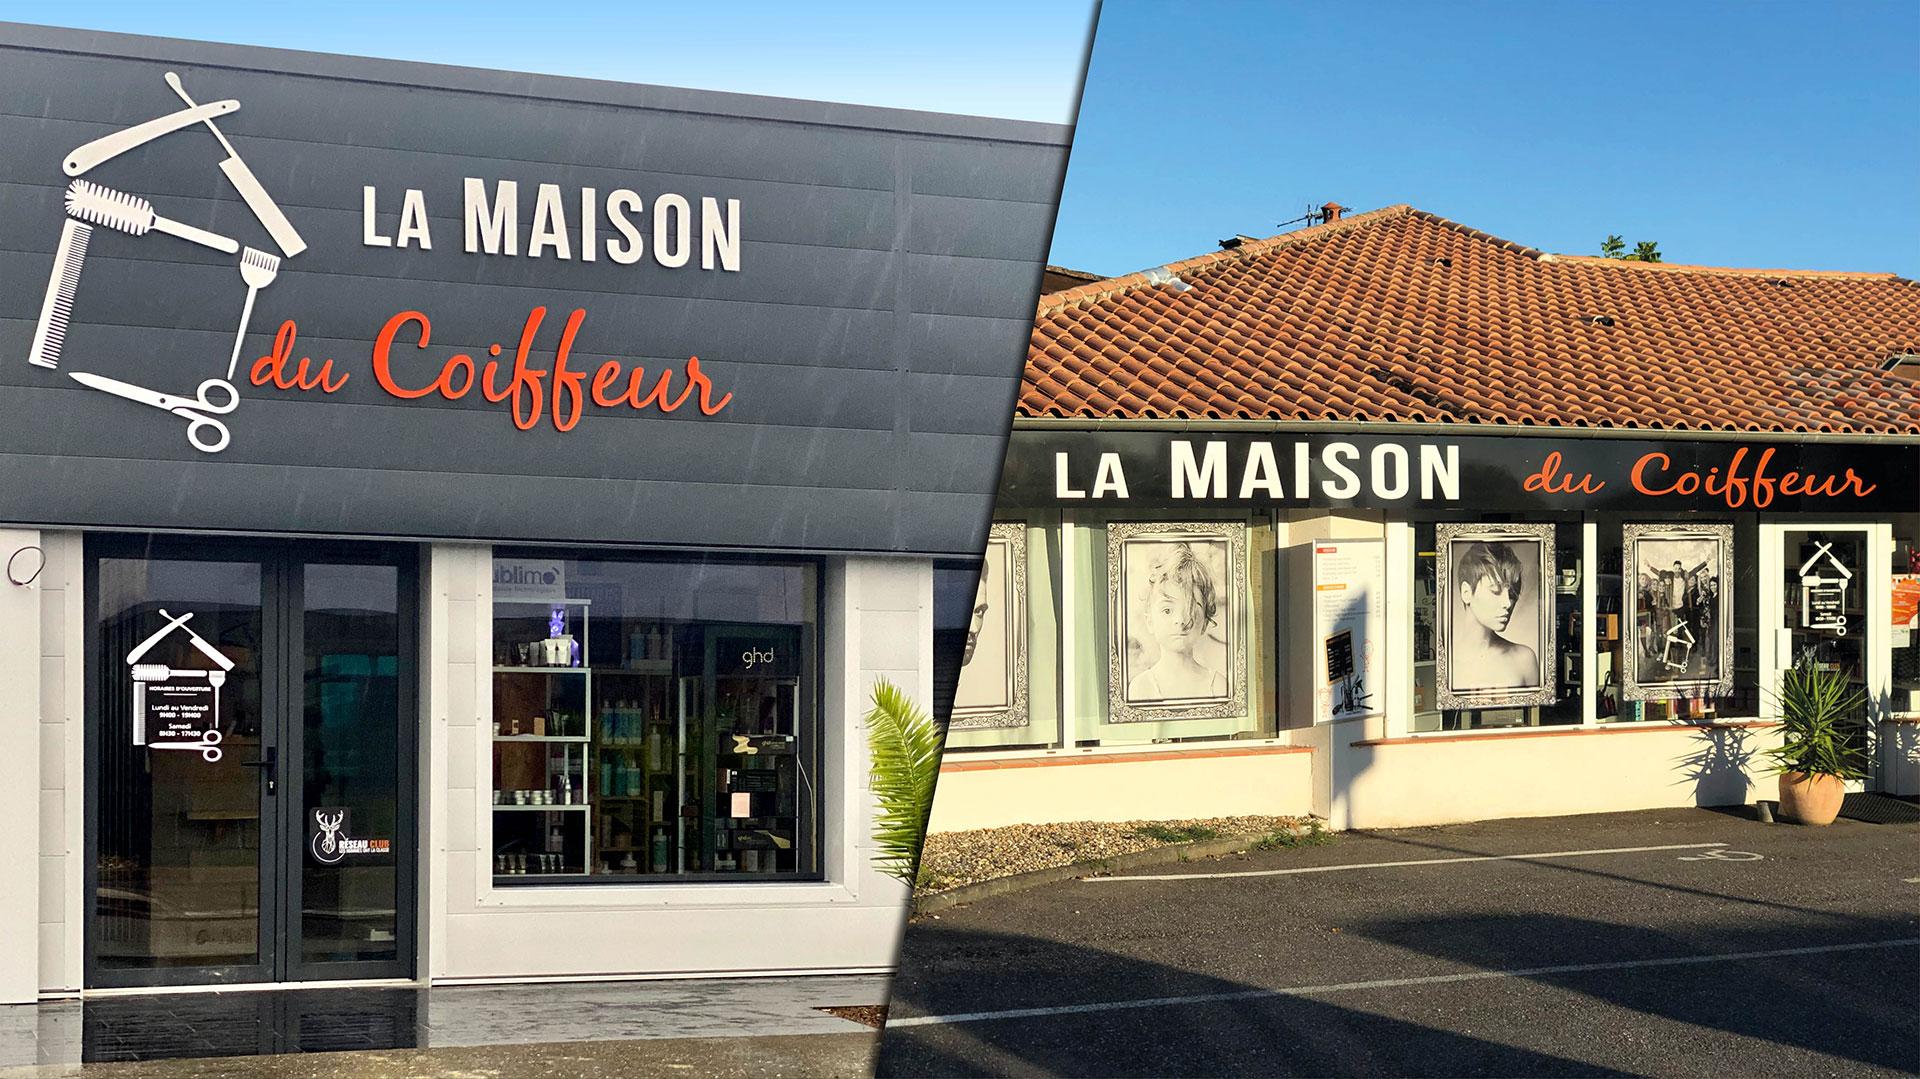 Salon De Coiffure Mixte Barbier La Maison Du Coiffeur A Foulayronnes 47